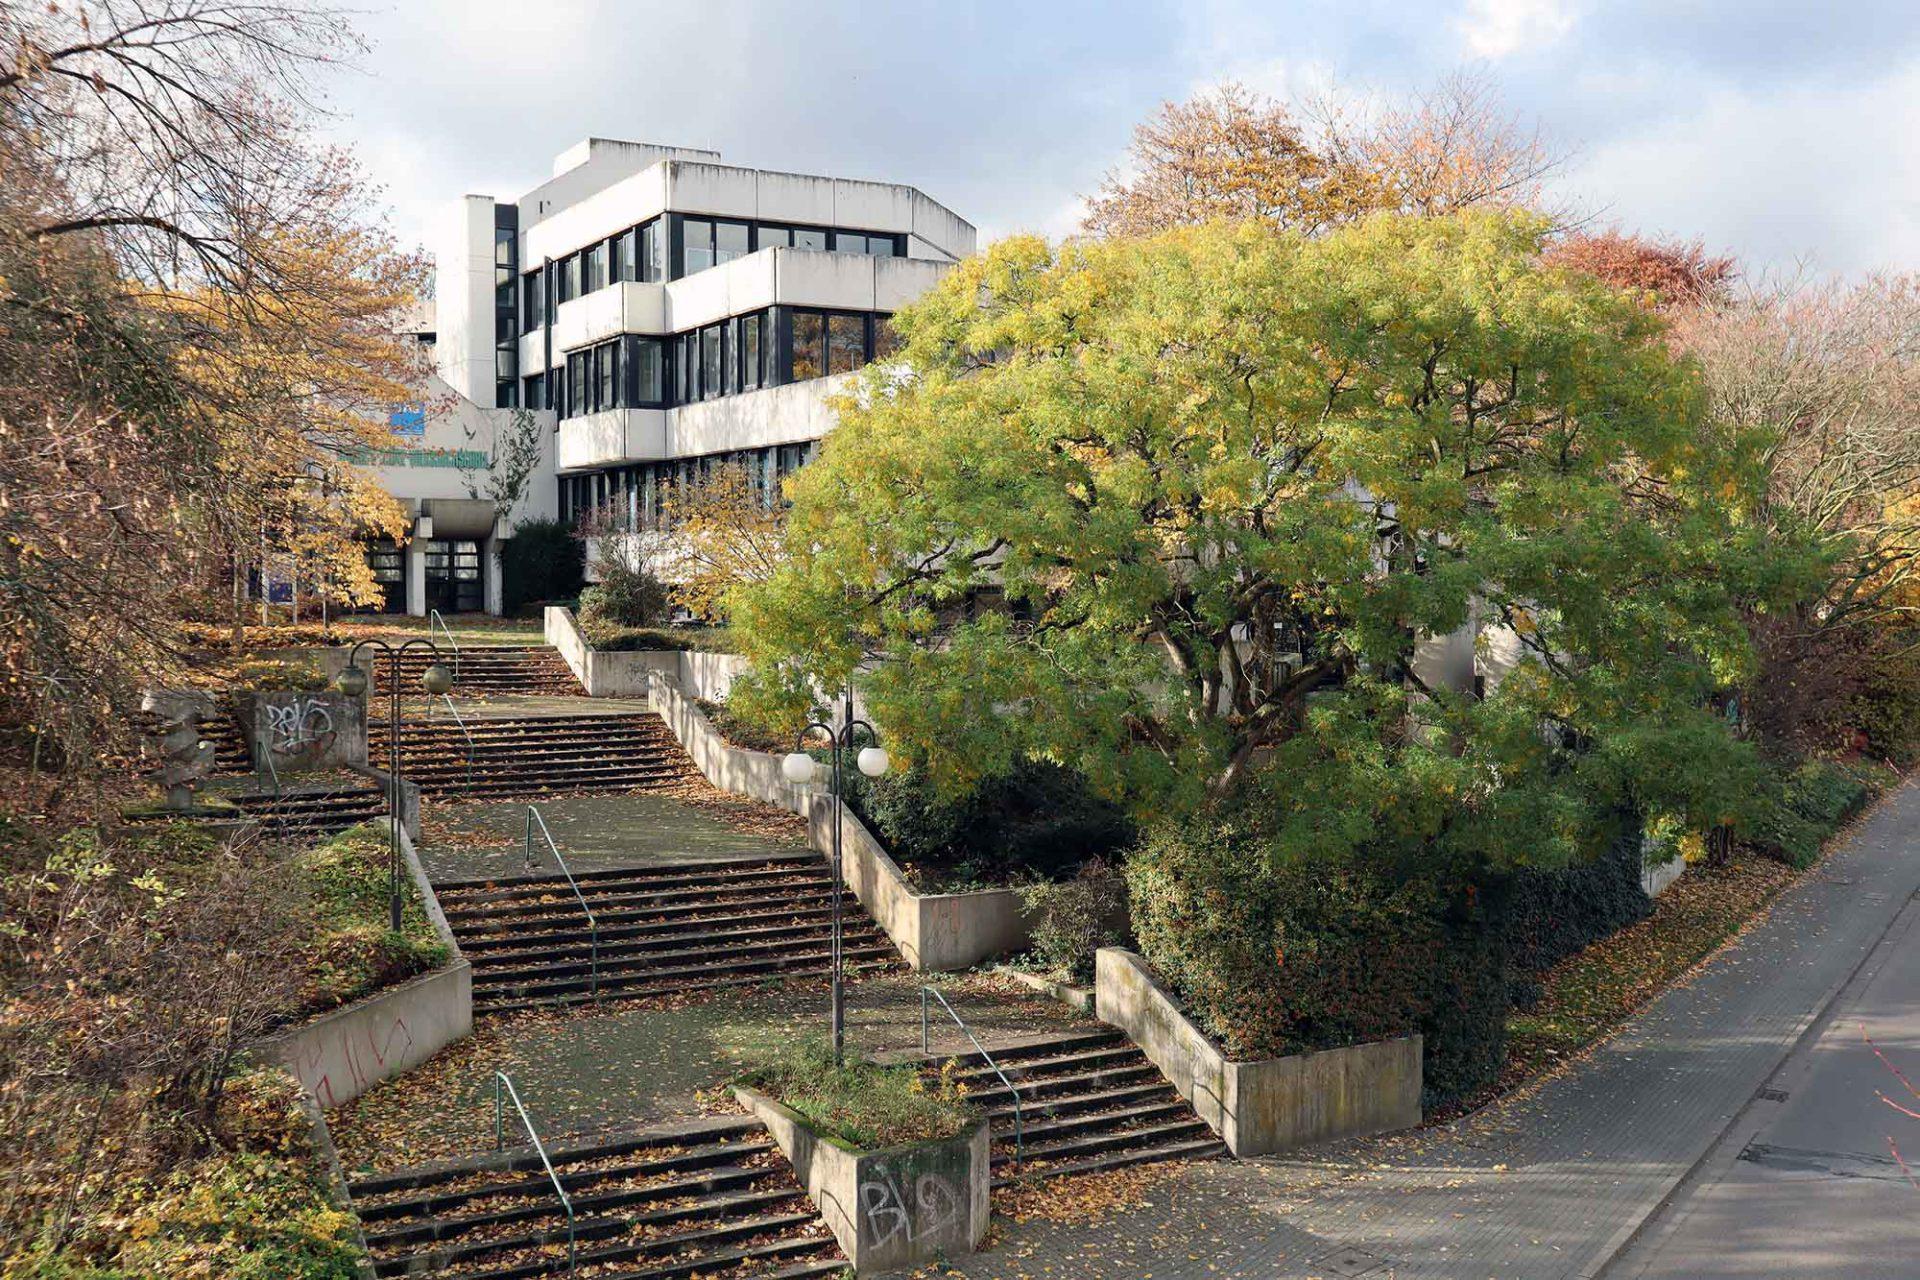 Volkshochschule. Die VHS im Stil des Brutalismus entstand nach einem Entwurf des Architekten Dietmar Teich und wurde 1979 eröffnet.